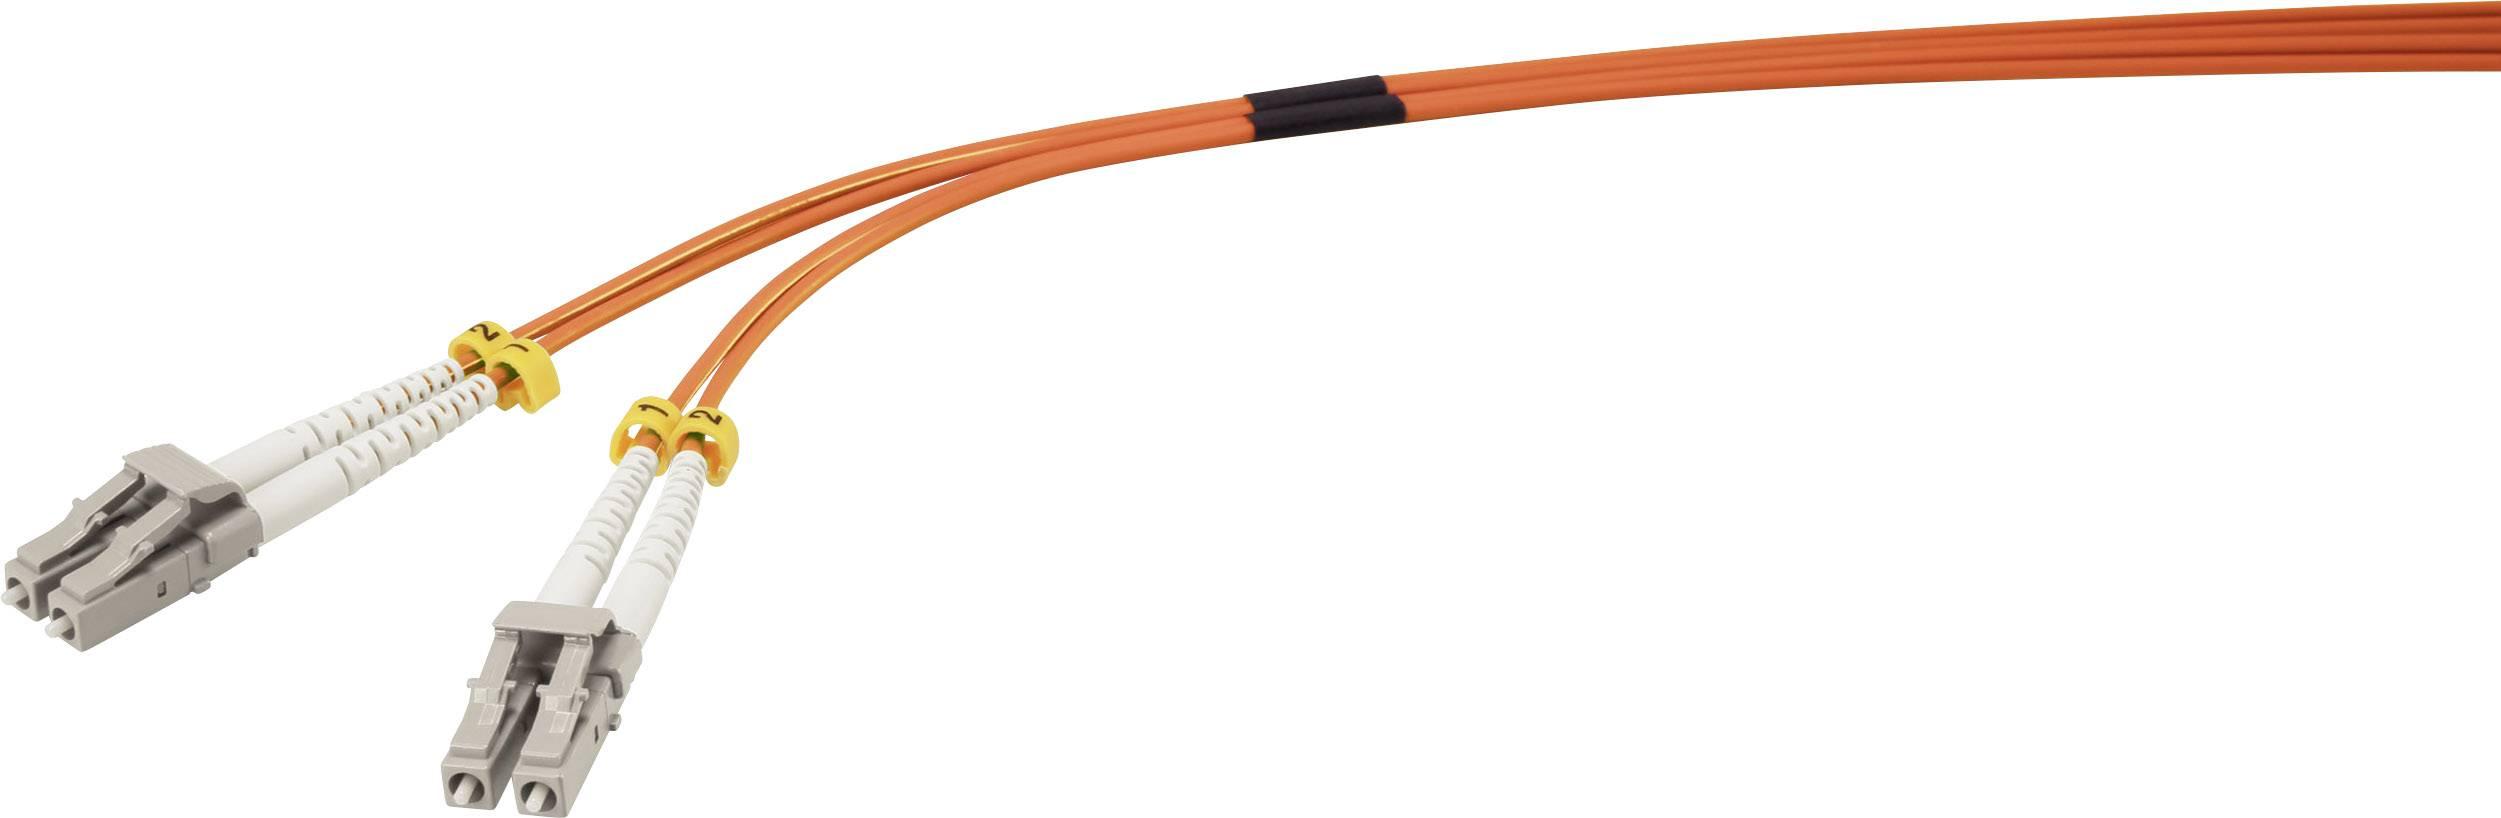 Připojovací optický kabel Renkforce RF-3301834 [1x zástrčka LC - 1x zástrčka LC], 1 m, oranžová